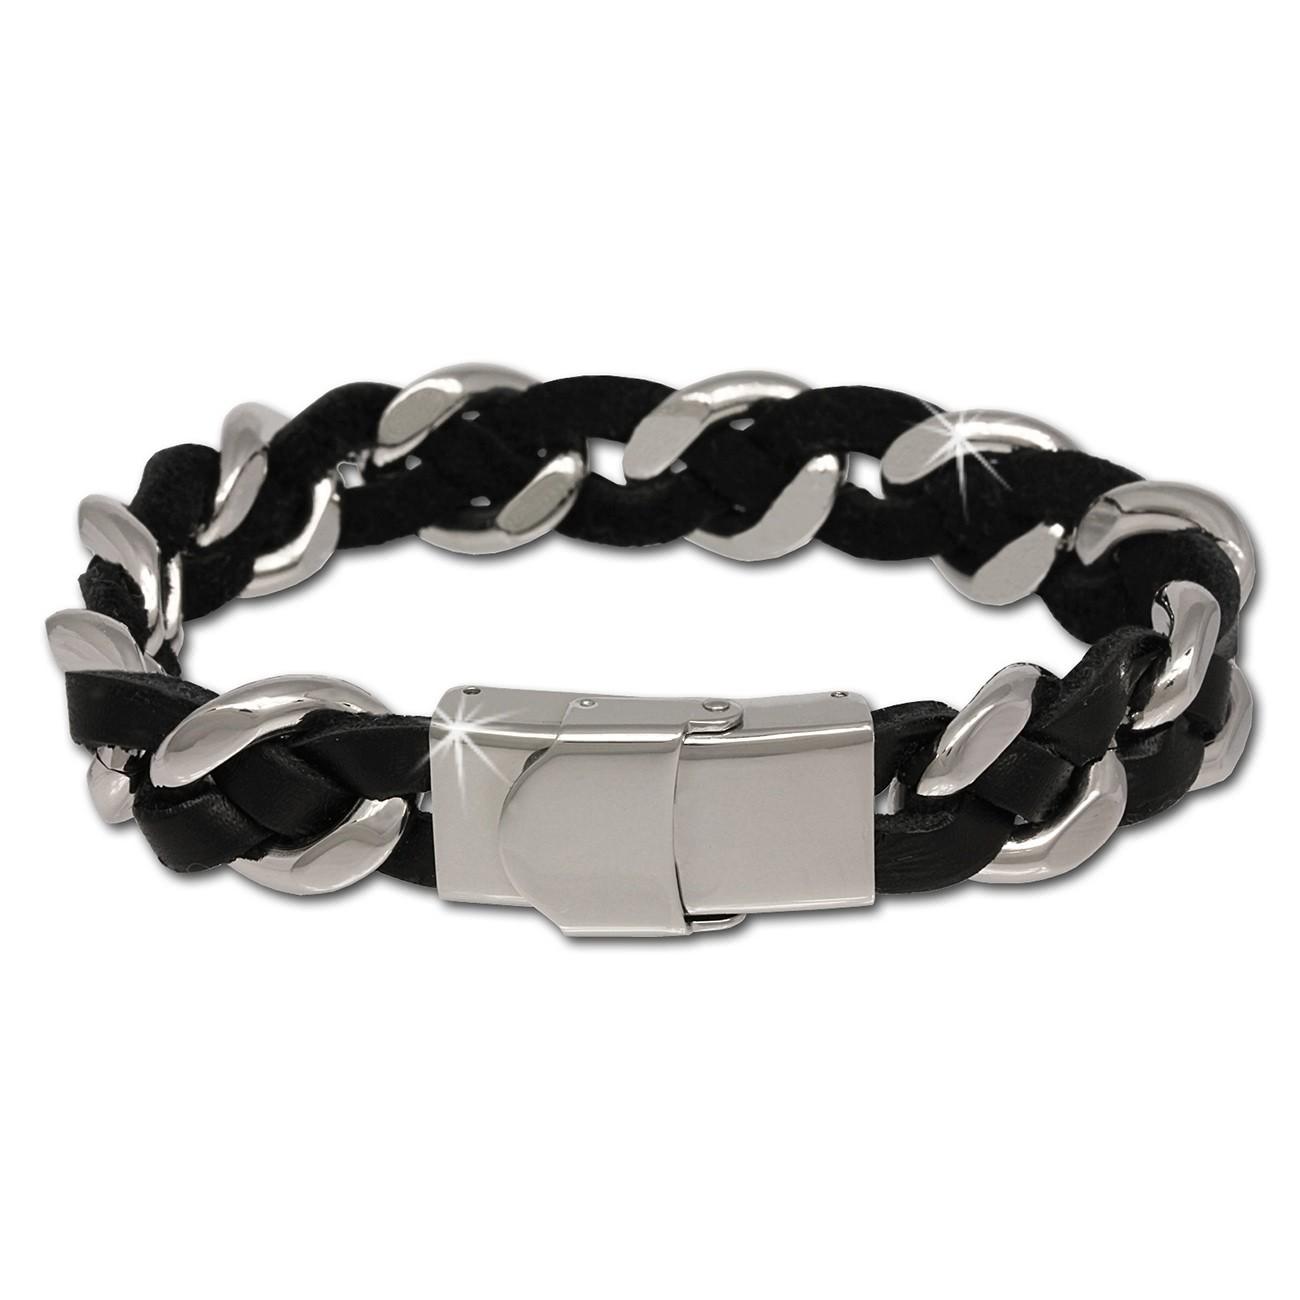 SilberDream Leder/Stahl - Armband Fantasie geflochten schwarz LS5002